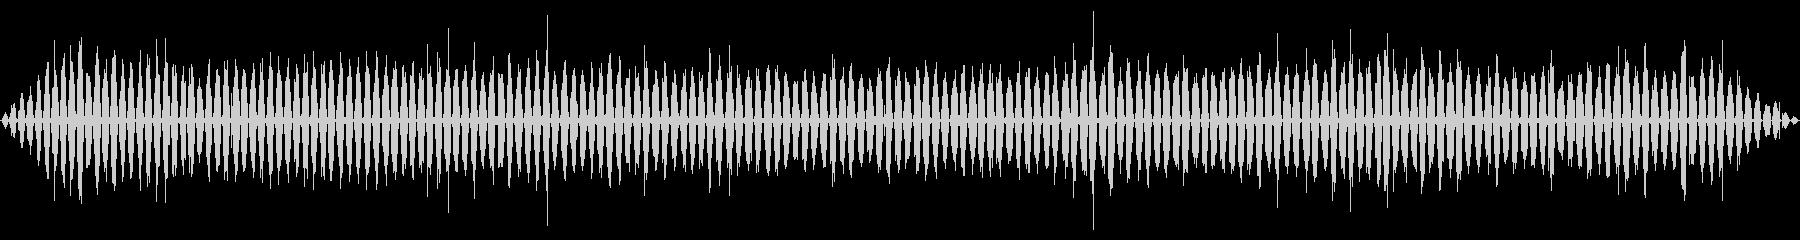 ハンド:高速ラフサンディング、建設...の未再生の波形